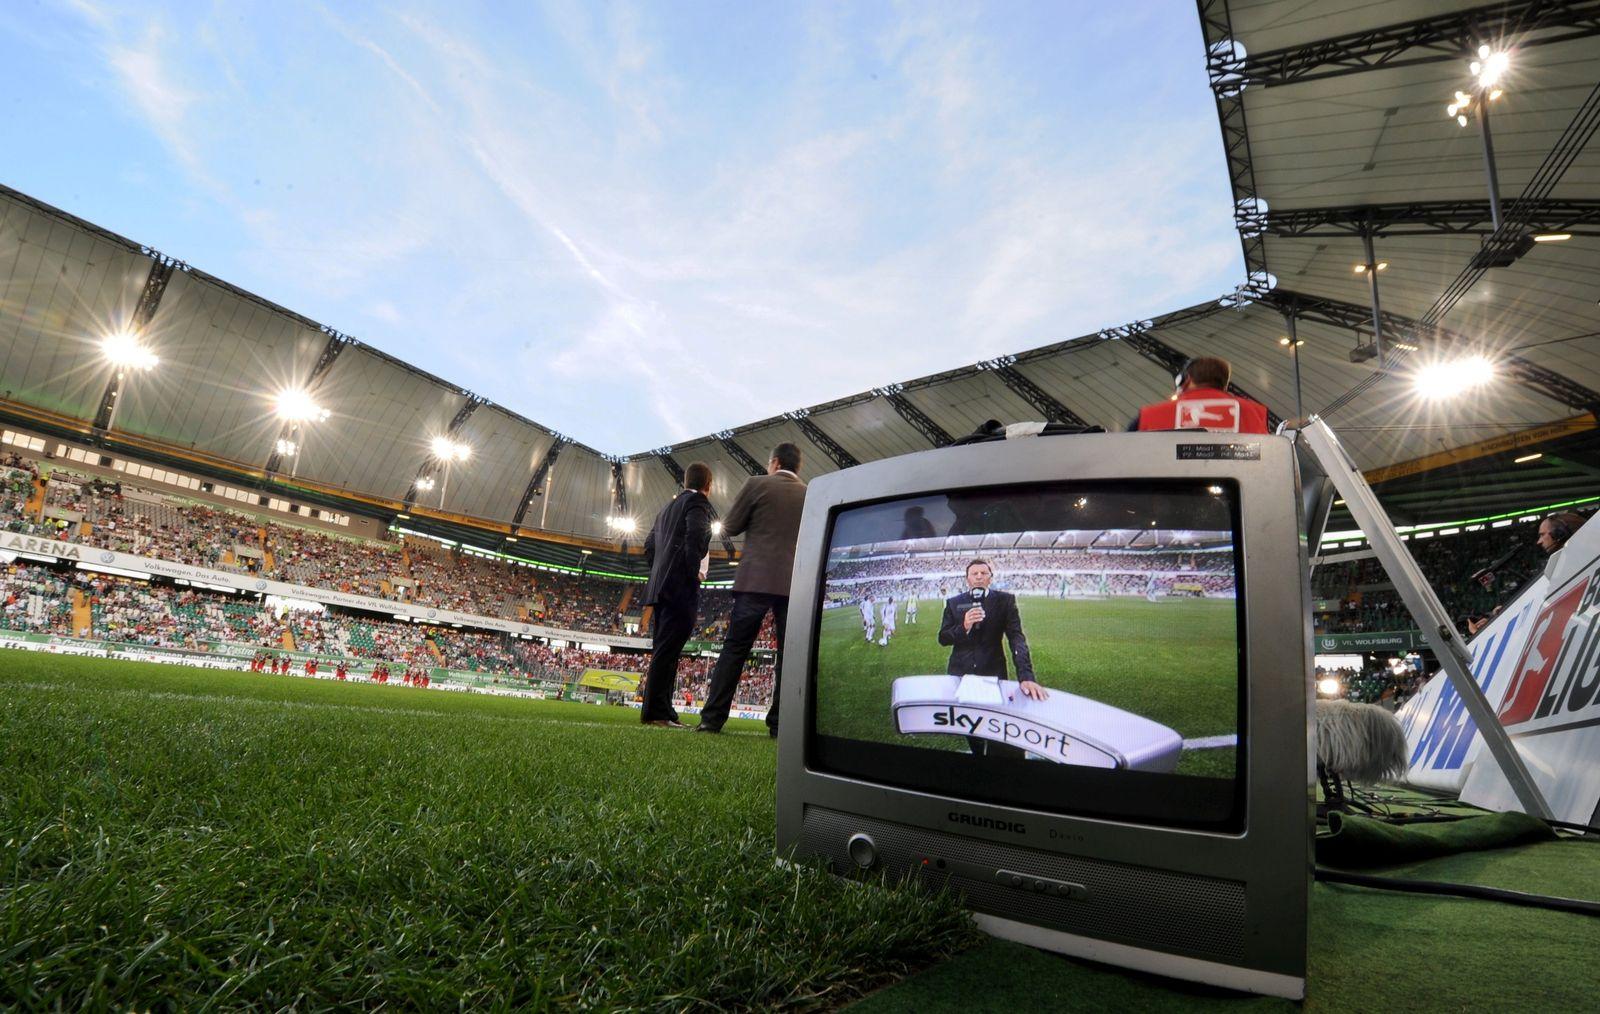 Telekom / Sky / TV-Bundesligarechte / Bundesligarechte